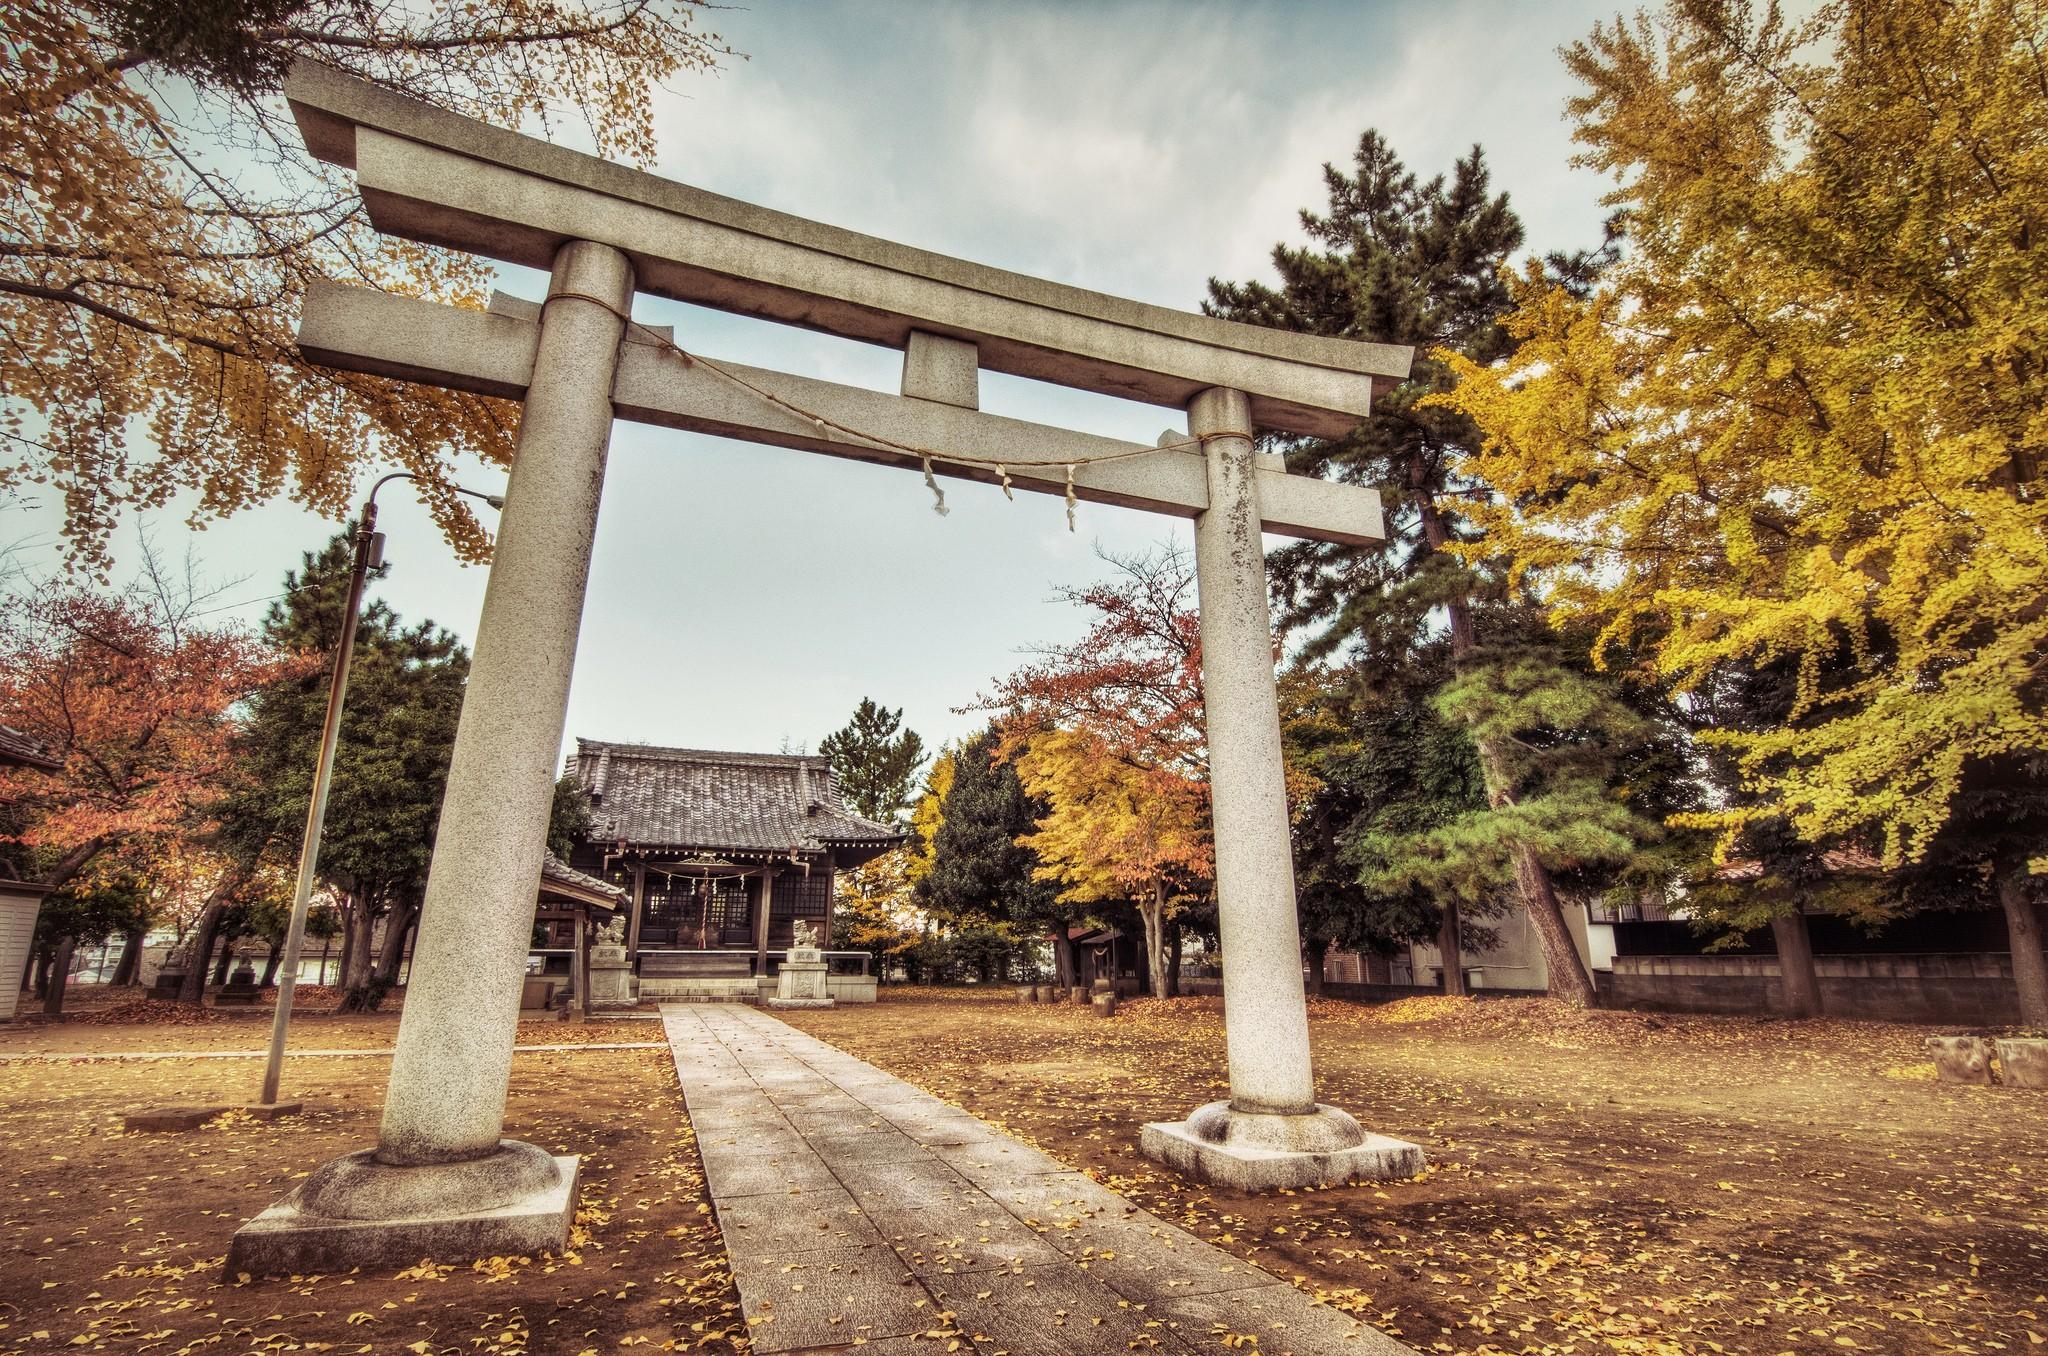 Japanese Shrine In The Fall Wallpaper Desktop Japan Shrine 378182 Hd Wallpaper Backgrounds Download